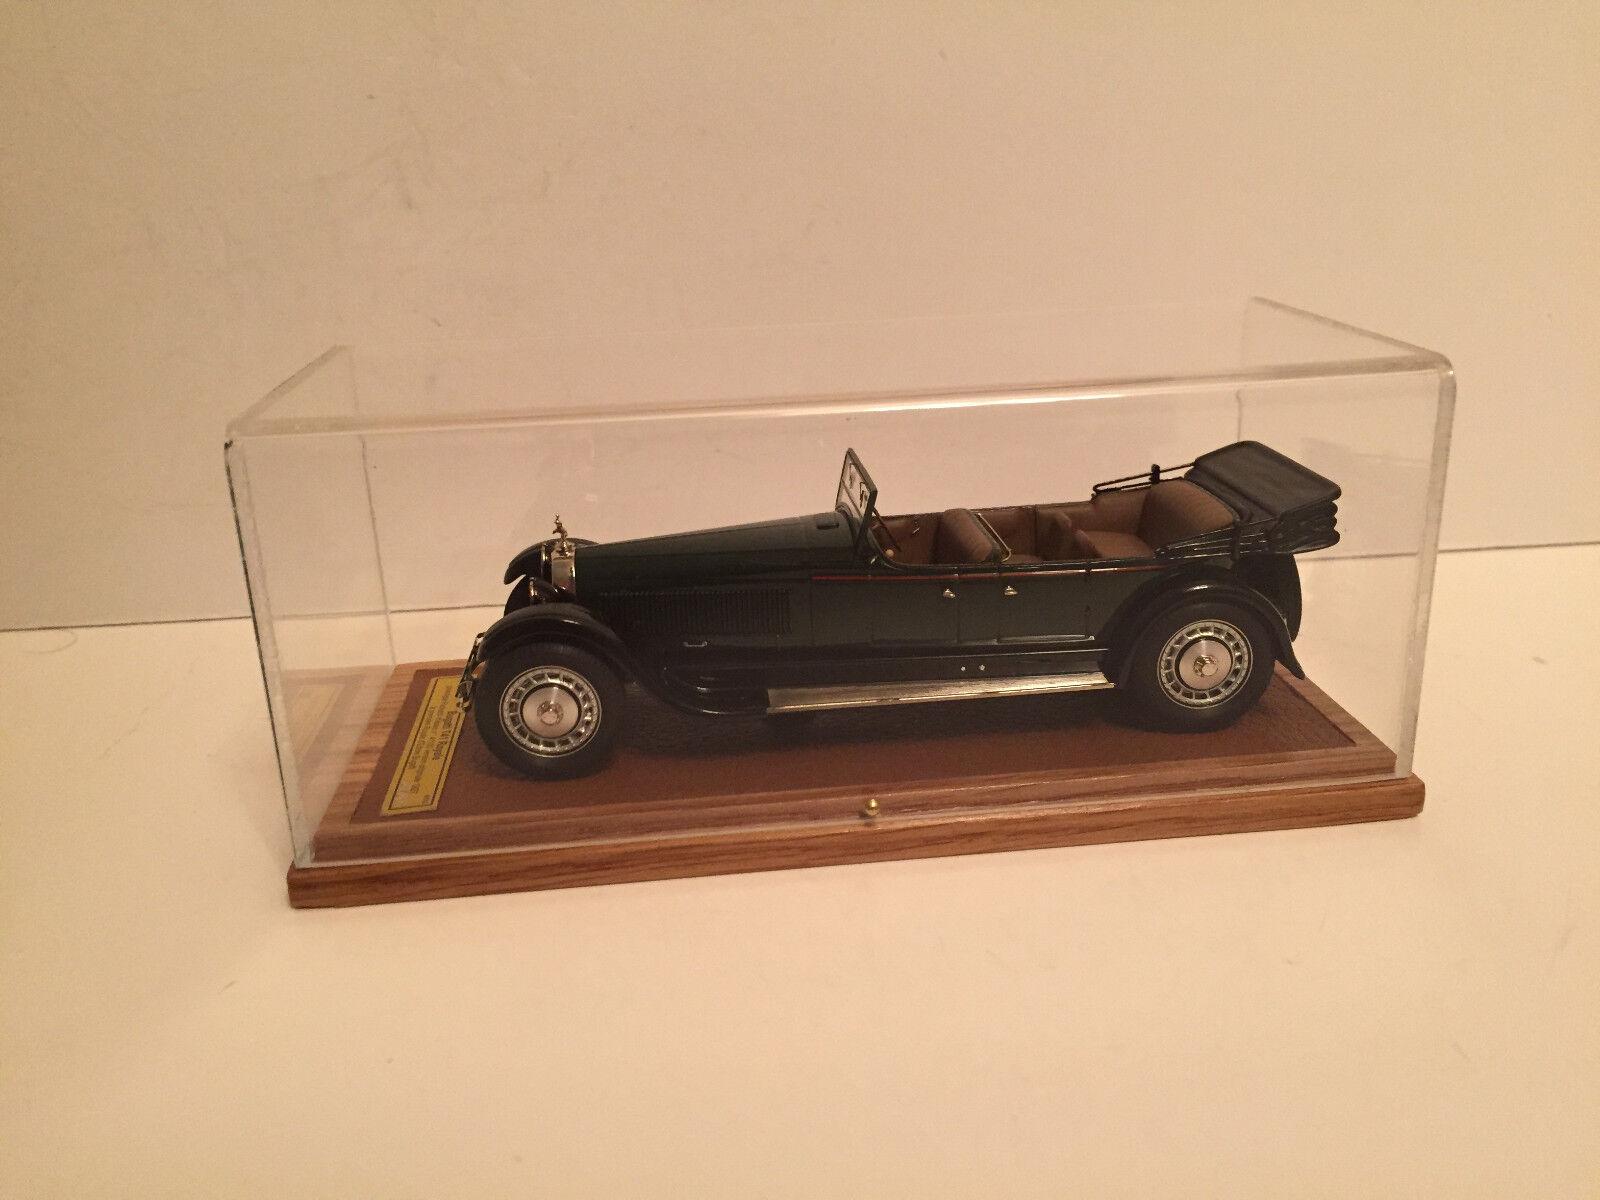 hasta 42% de descuento T41 1927 de EMC Bugatti Bugatti Bugatti Royale prototipo Packard chasis Originale abierto  Las ventas en línea ahorran un 70%.